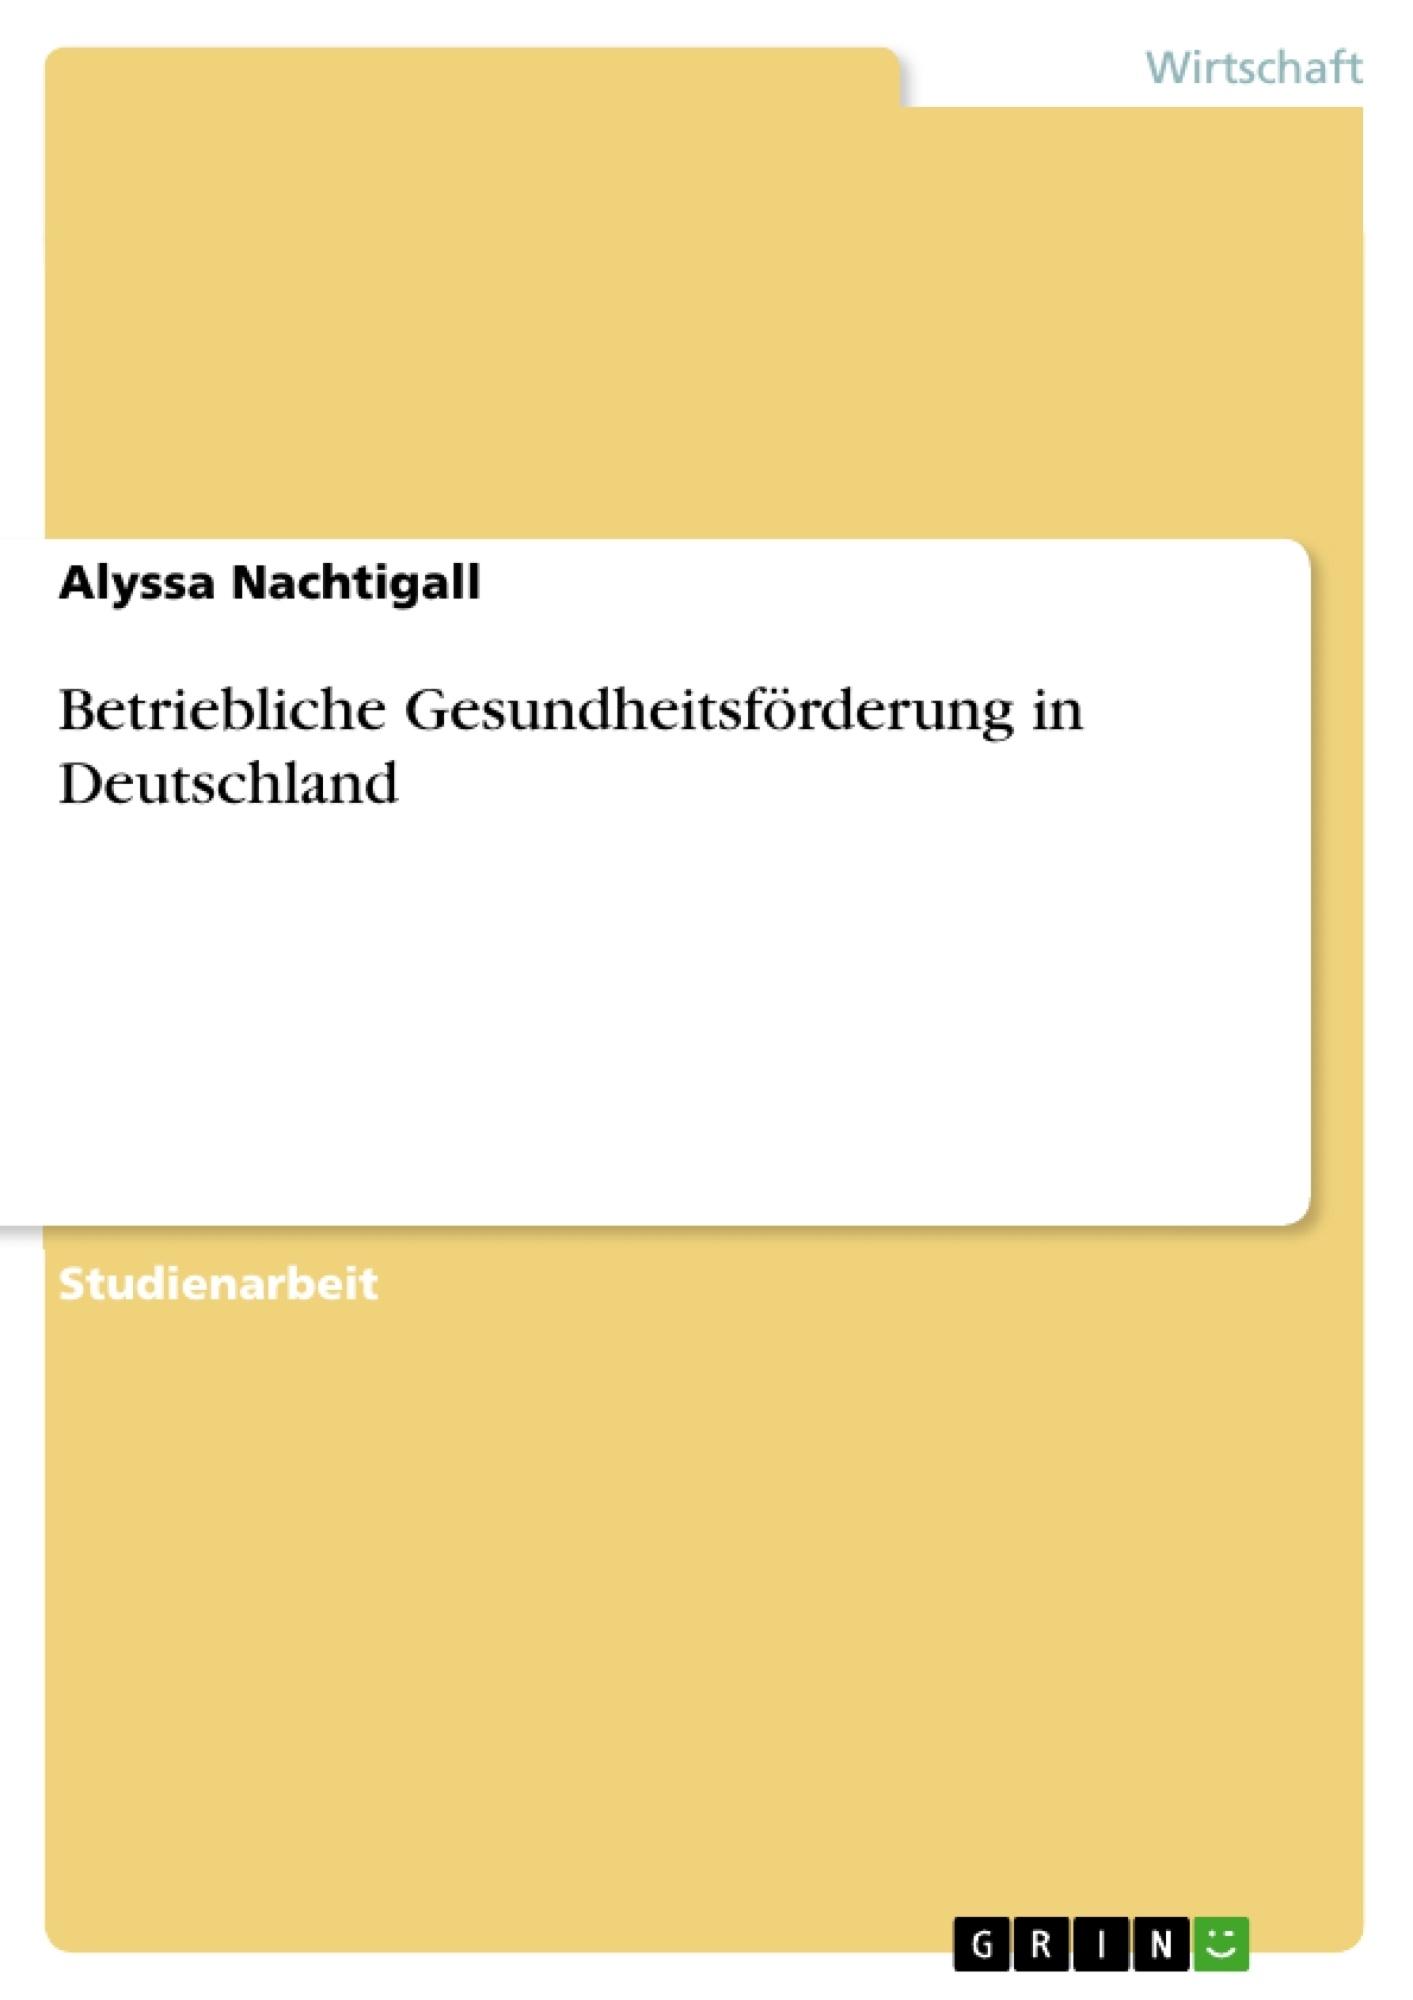 Titel: Betriebliche Gesundheitsförderung in Deutschland